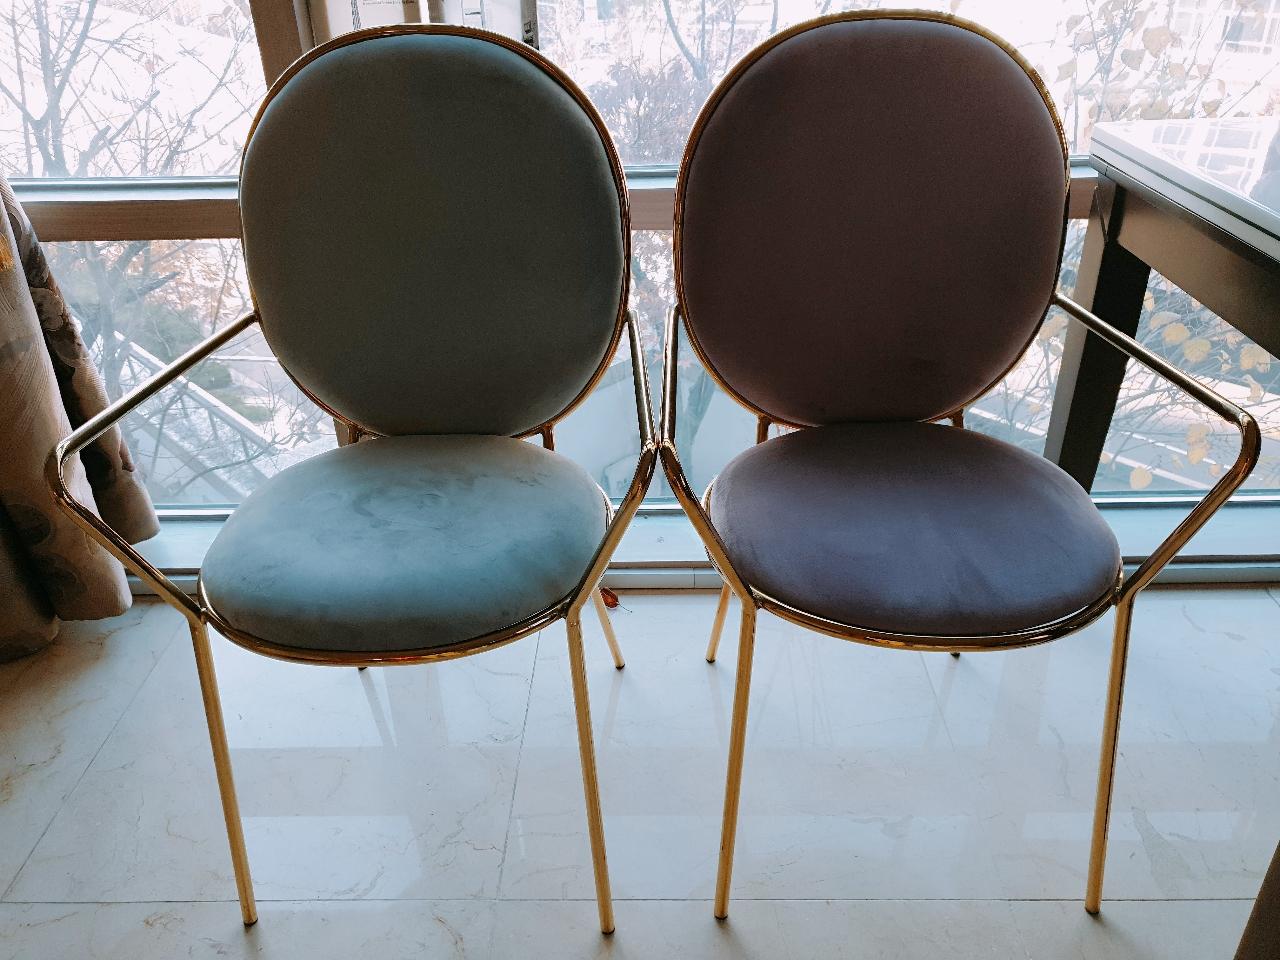 벨벳 인테리어 의자 벨벳의자 카페의자 체어